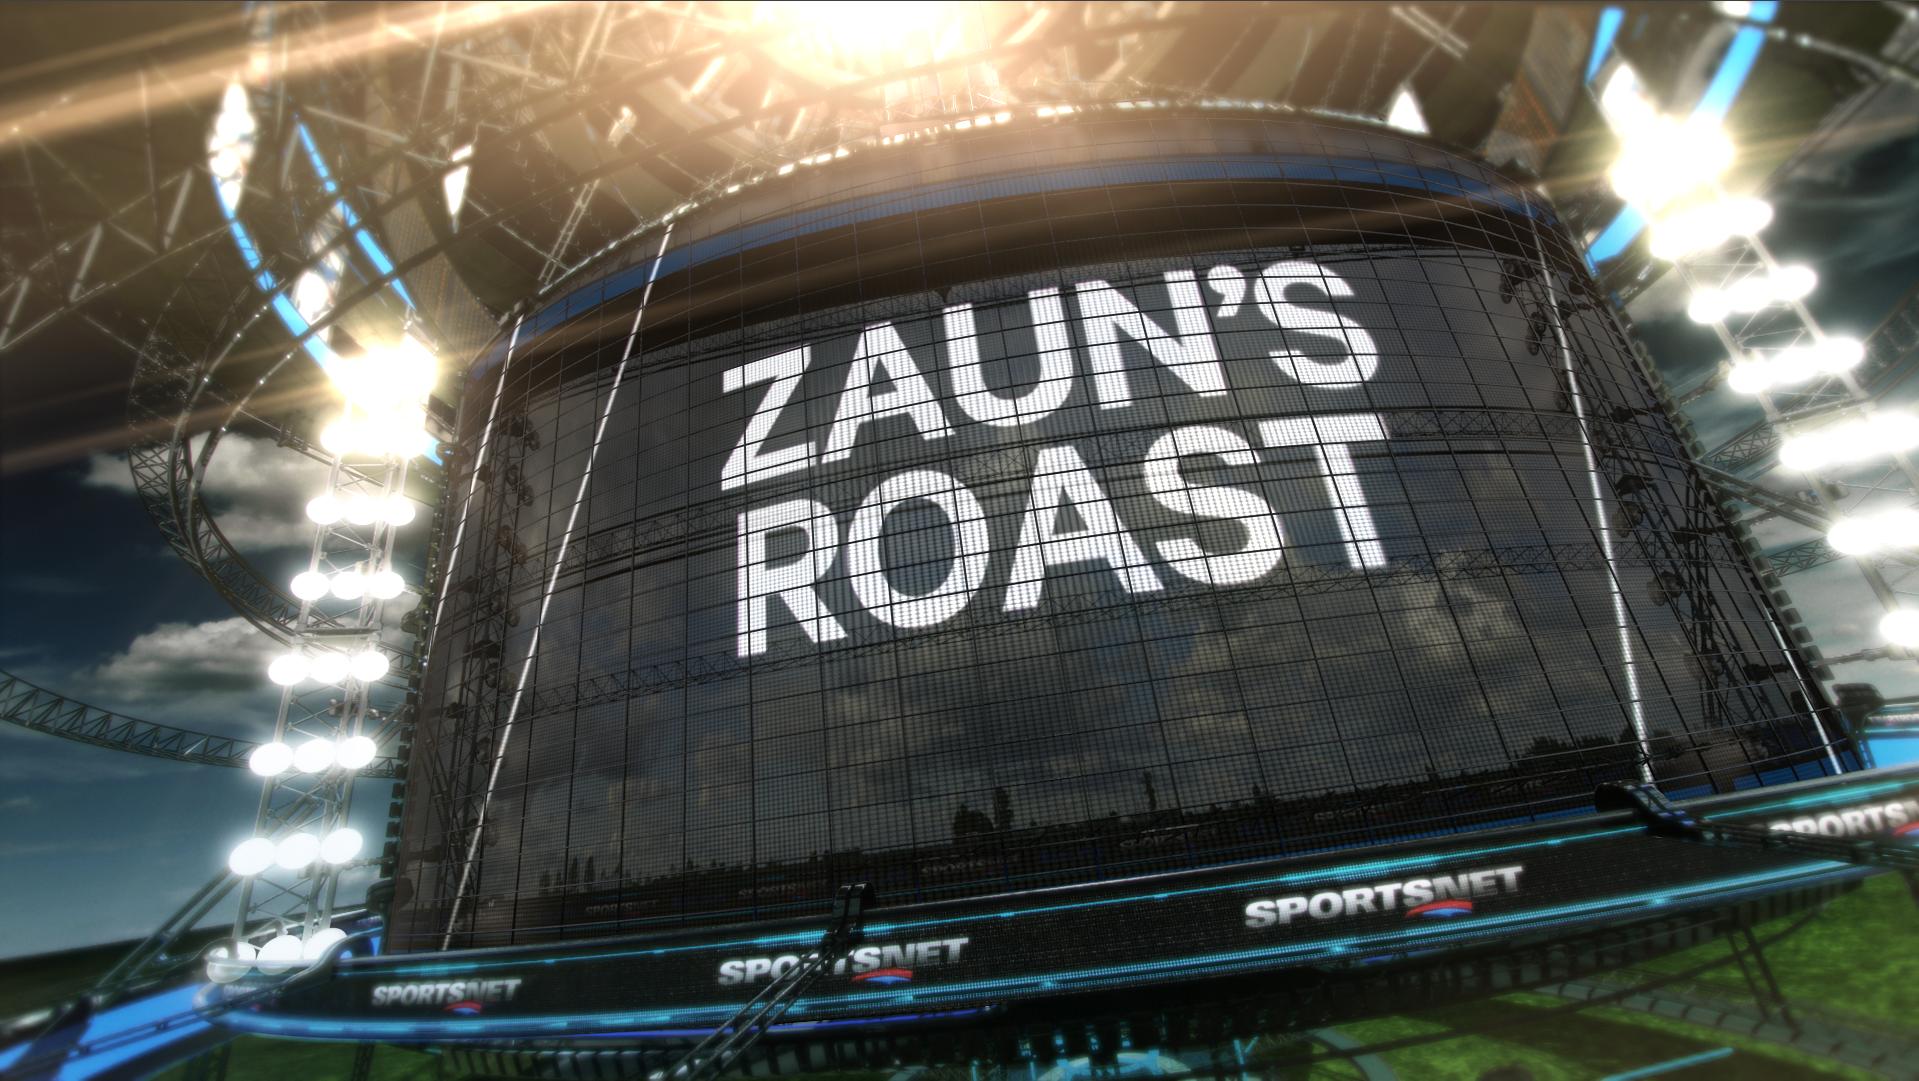 Zaun's Sunday Roast